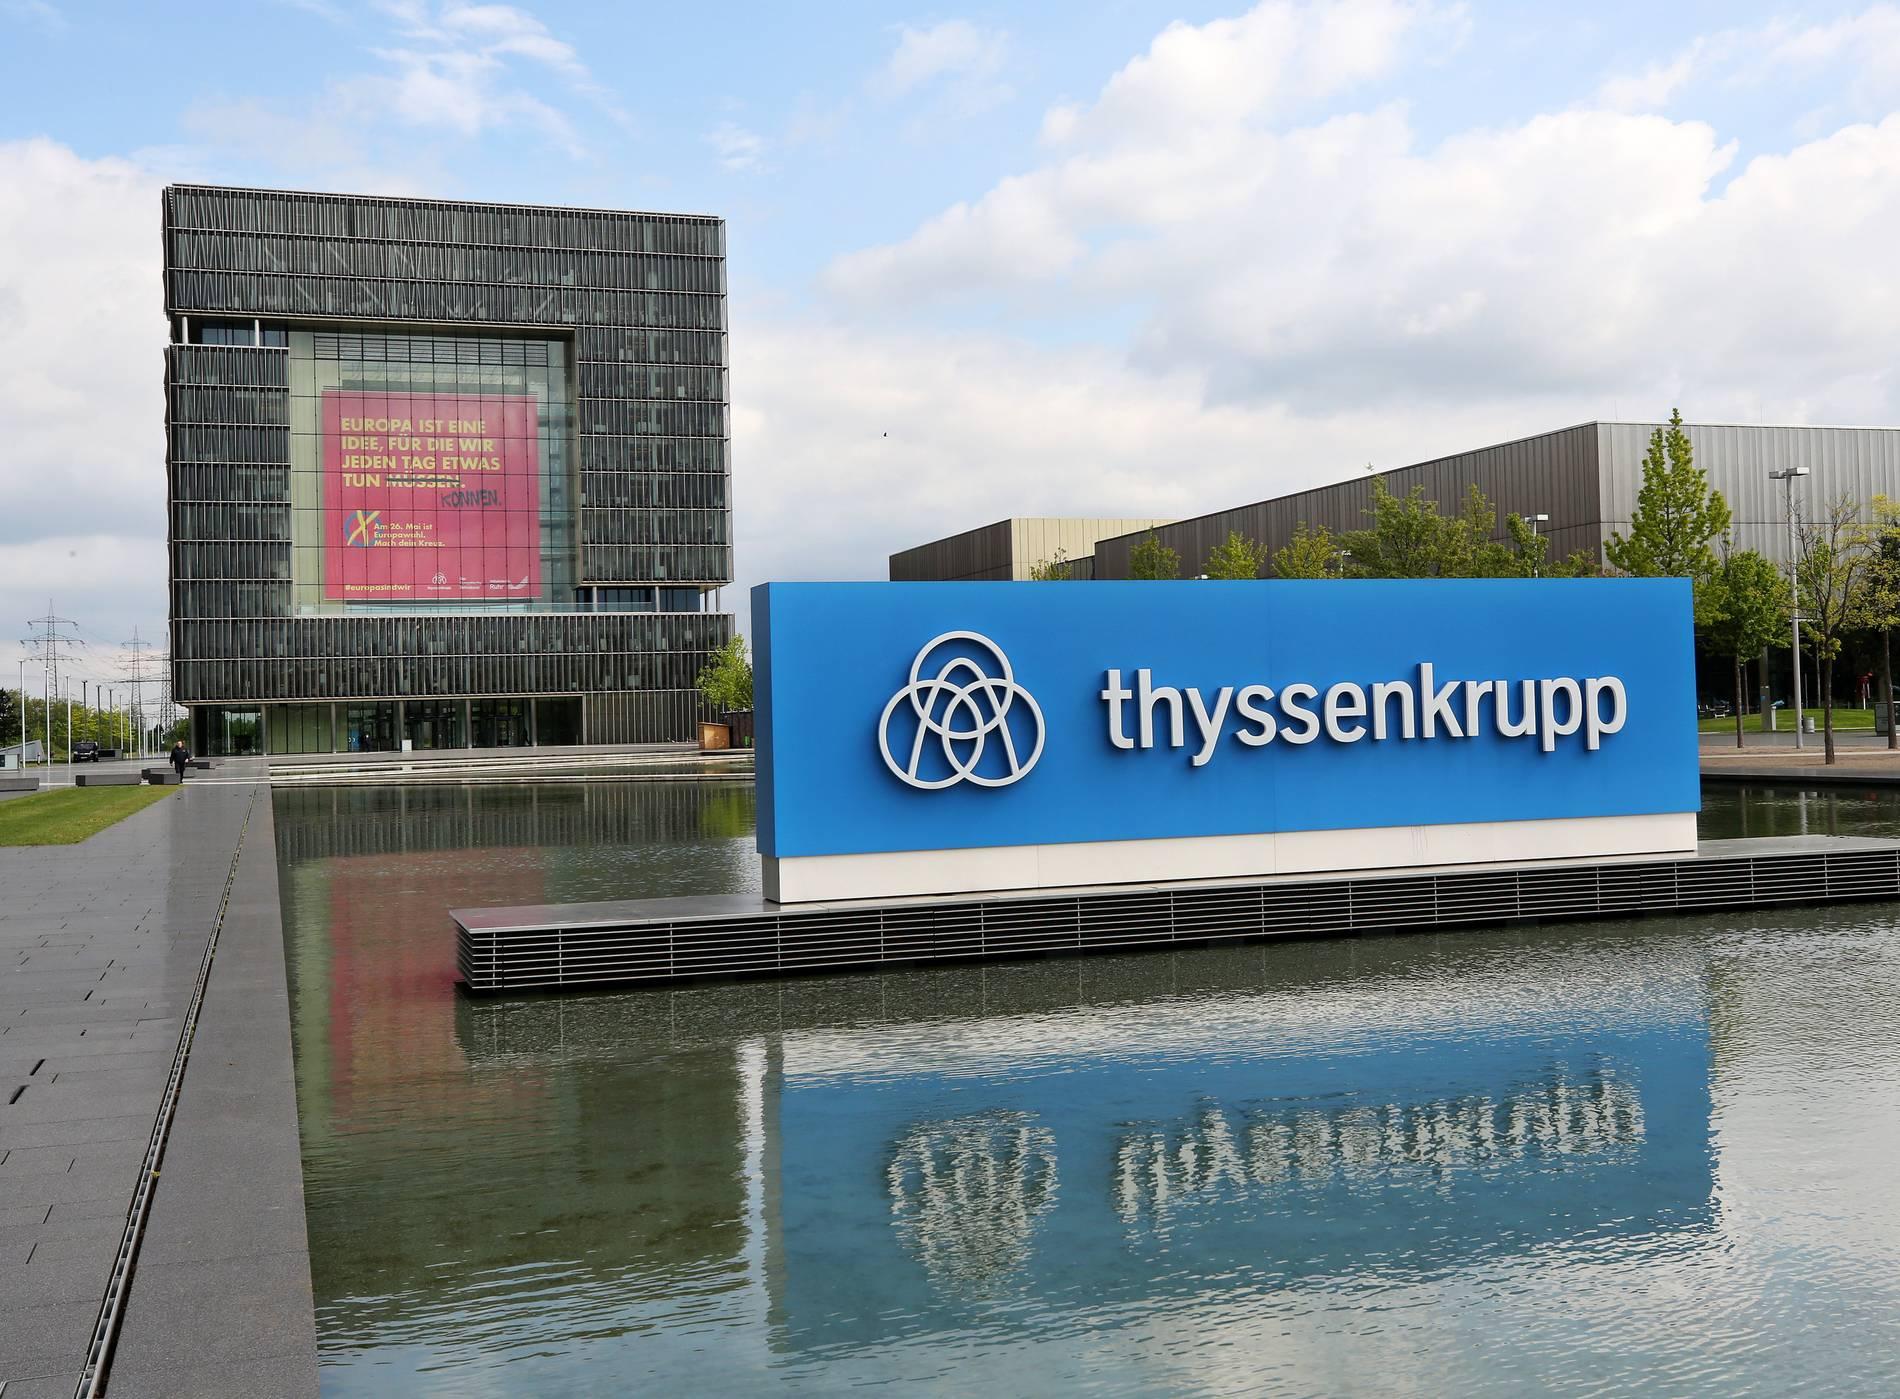 Essen - Thyssenkrupp sagt Aufspaltung ab